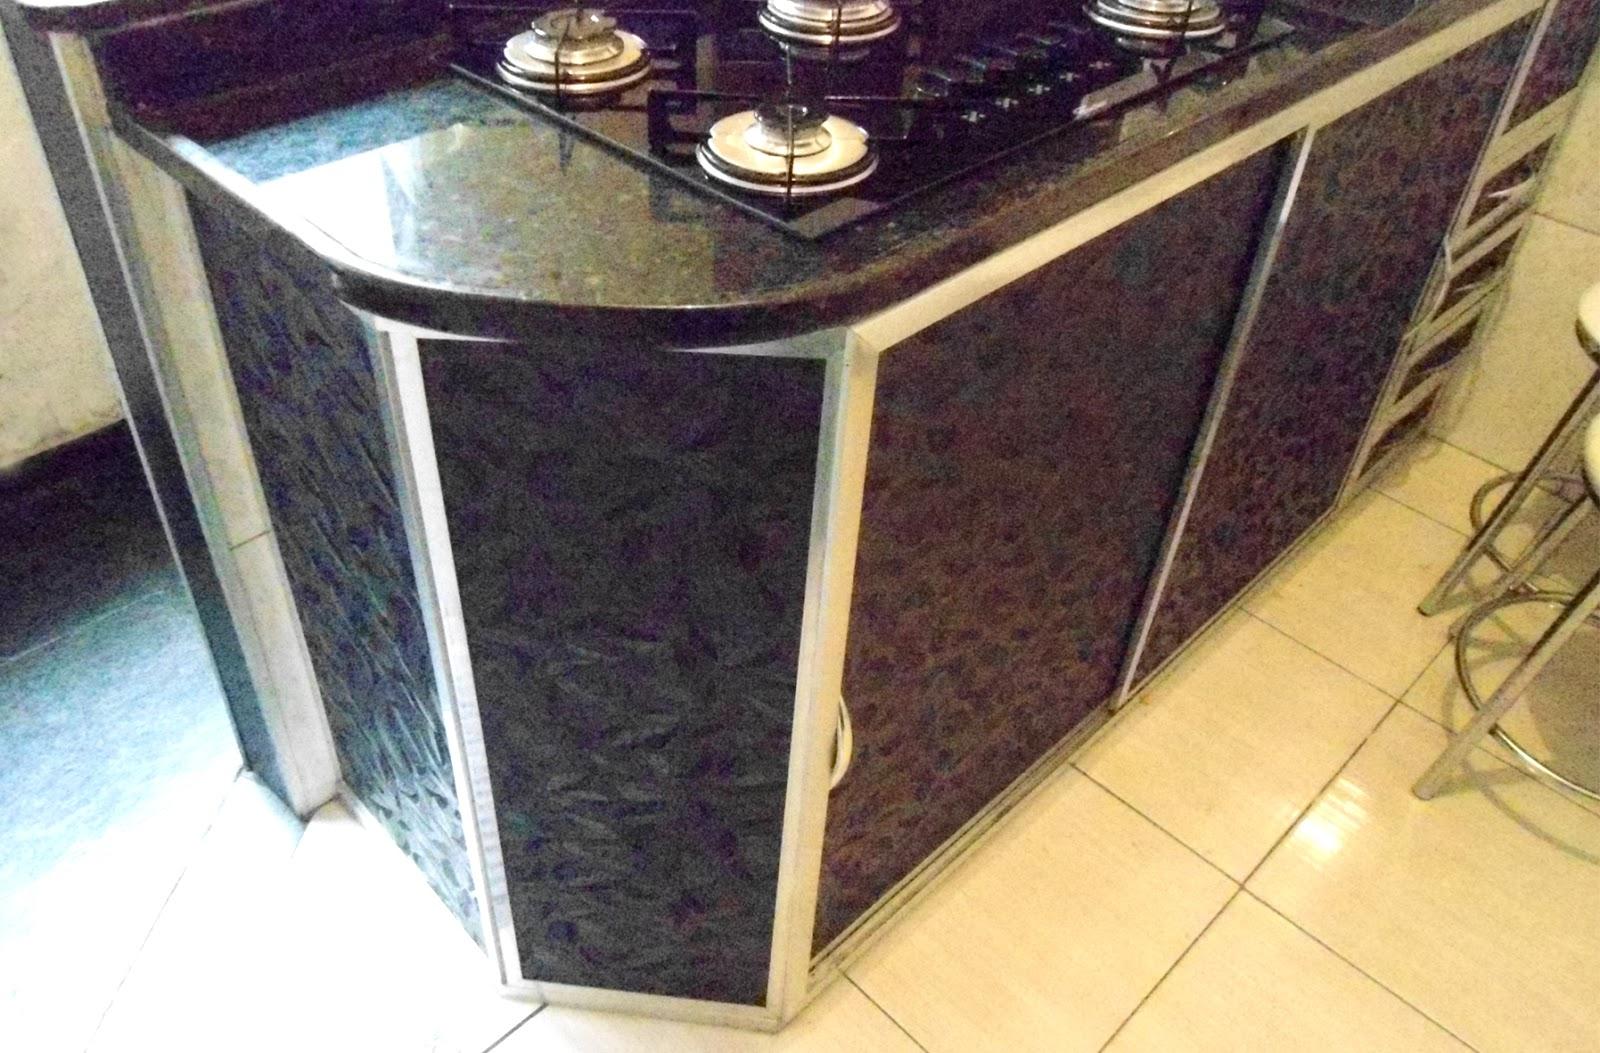 Imagens de #A87D24 LR vidros temperado: Maio 2012 1600x1053 px 3212 Box Acrilico Para Banheiro Rio De Janeiro